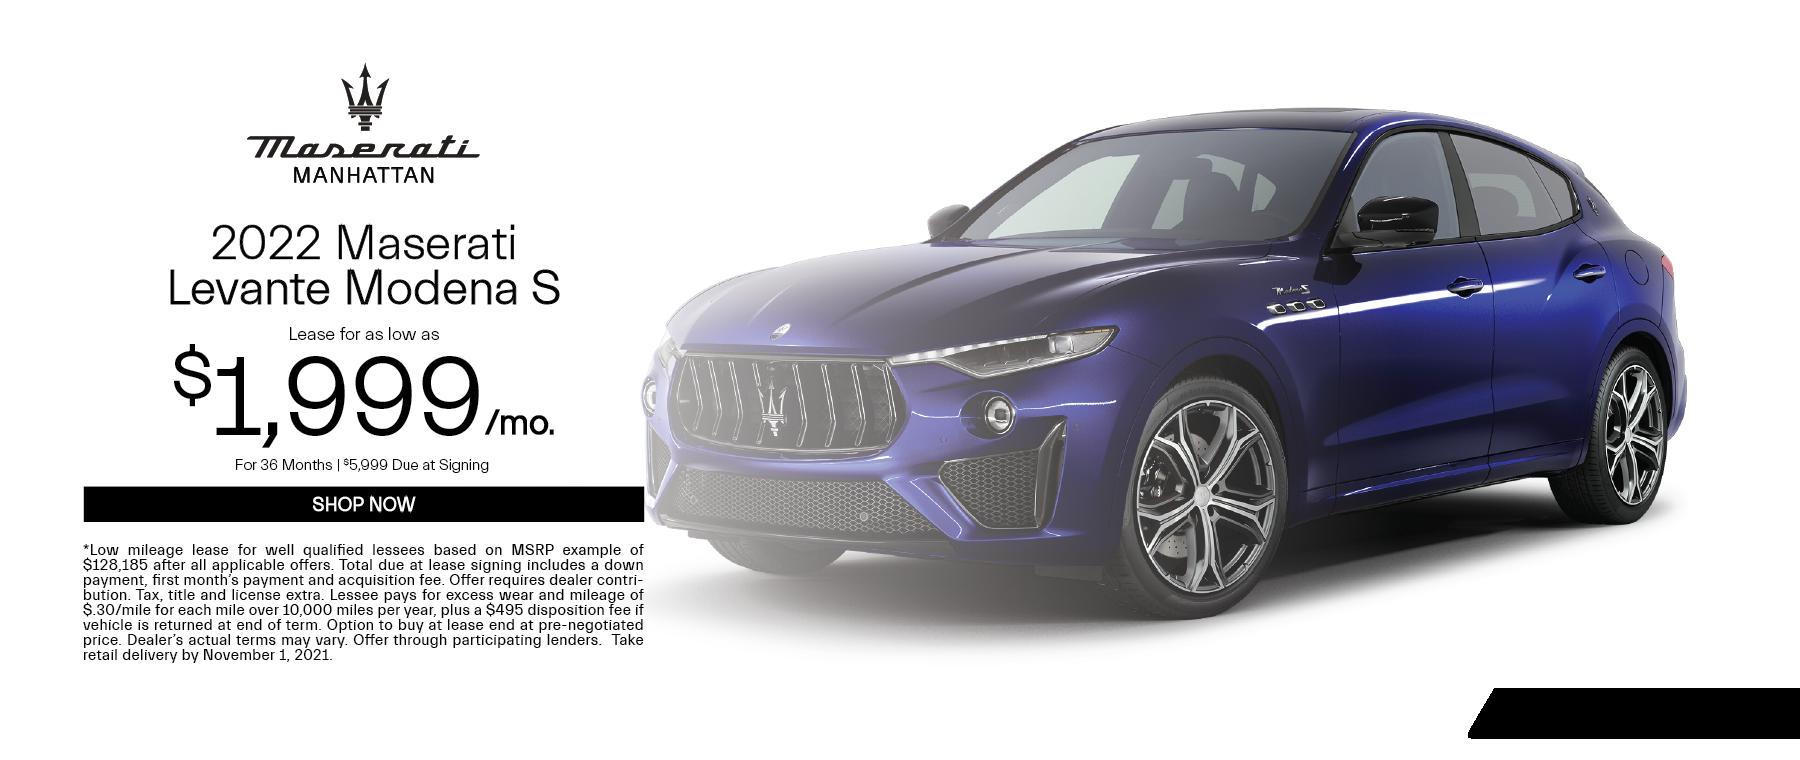 2022 Maserati Levante Modena S